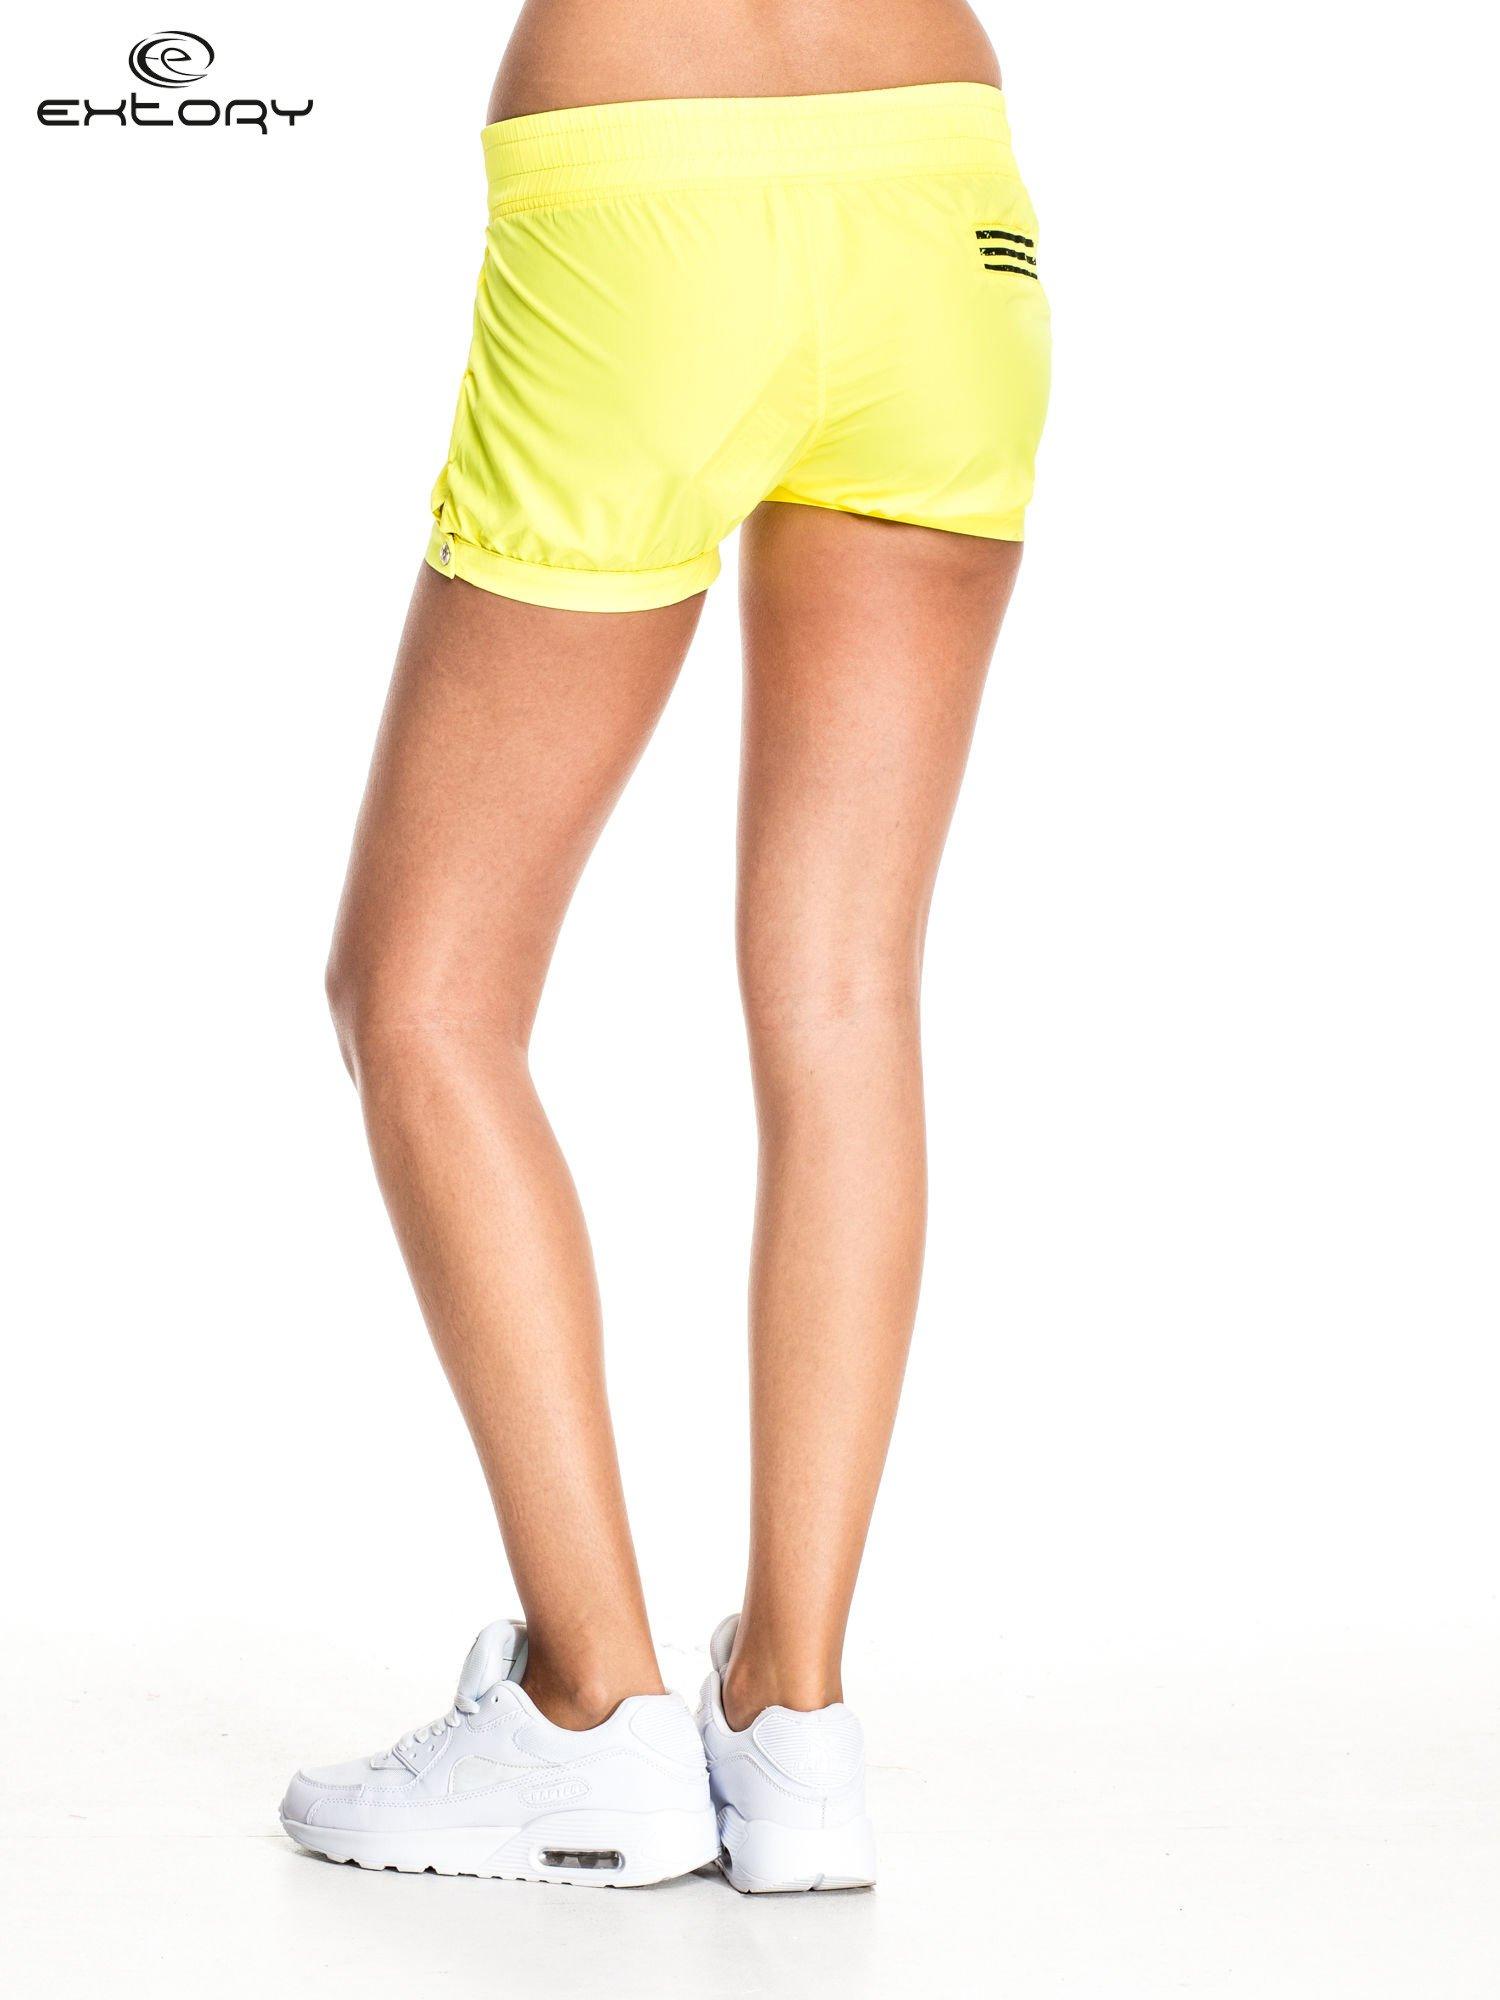 Żółte szorty damskie w stylu marynarskim                                  zdj.                                  4